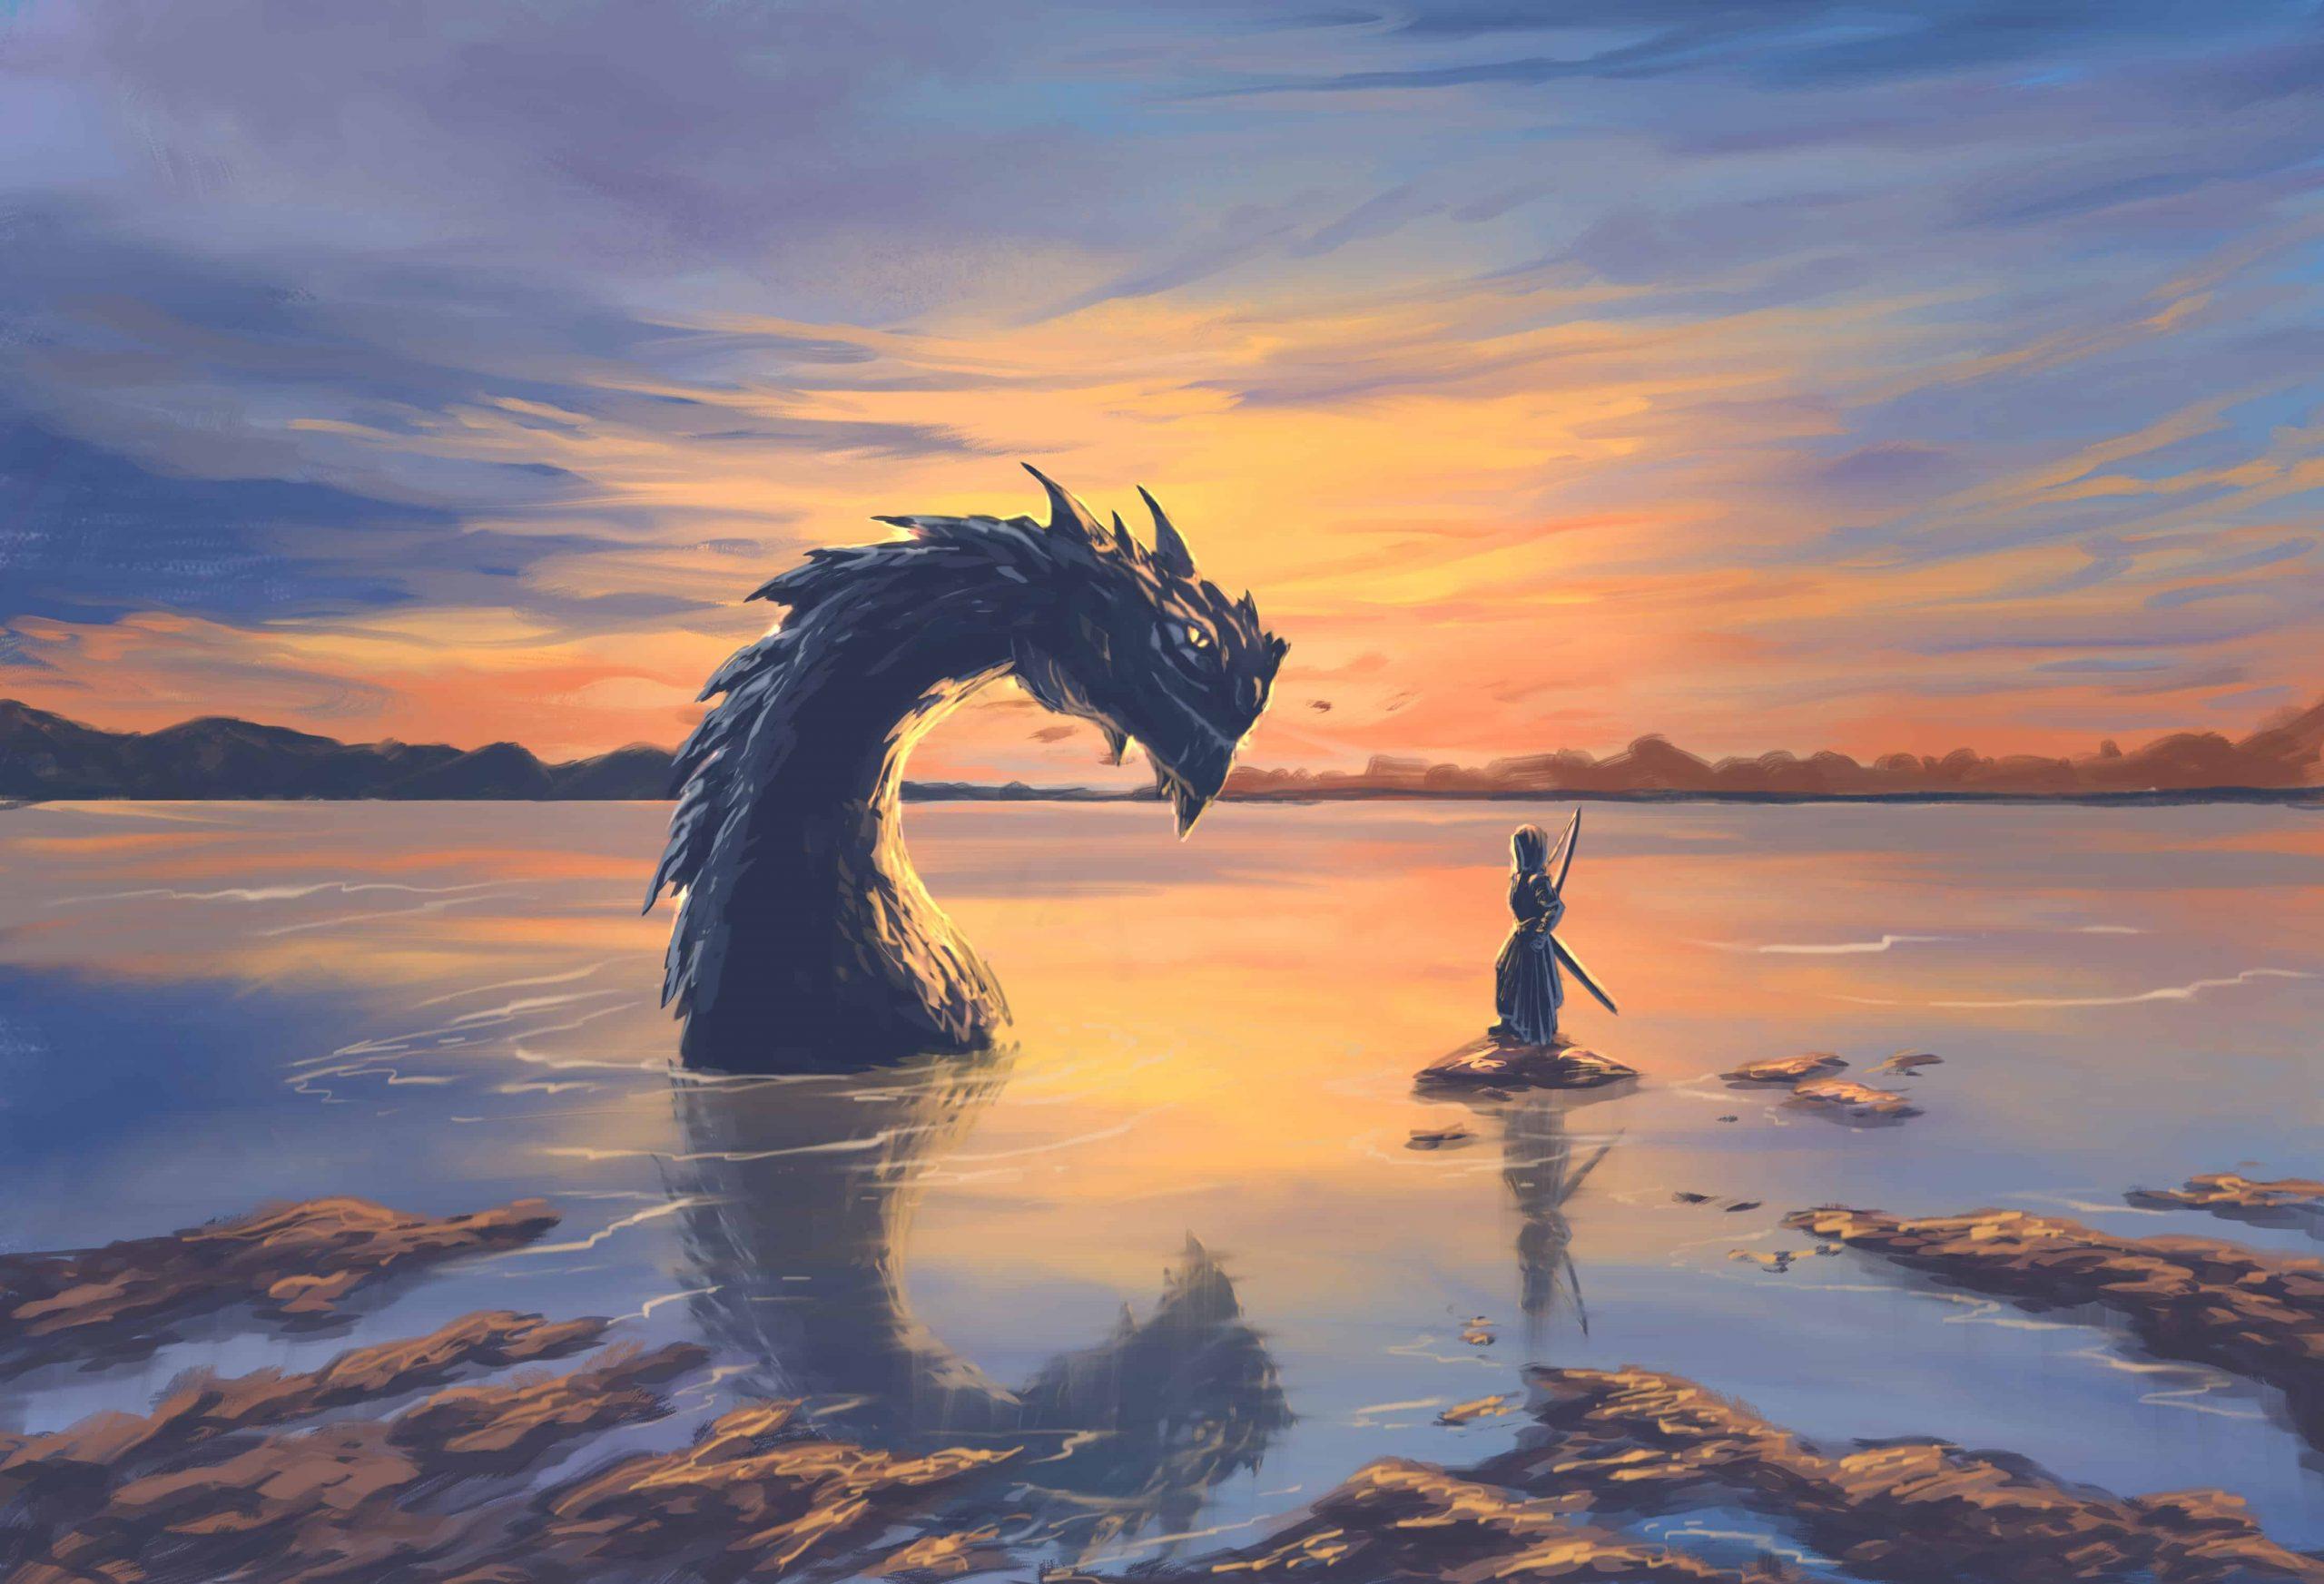 Dream of a sea dragon